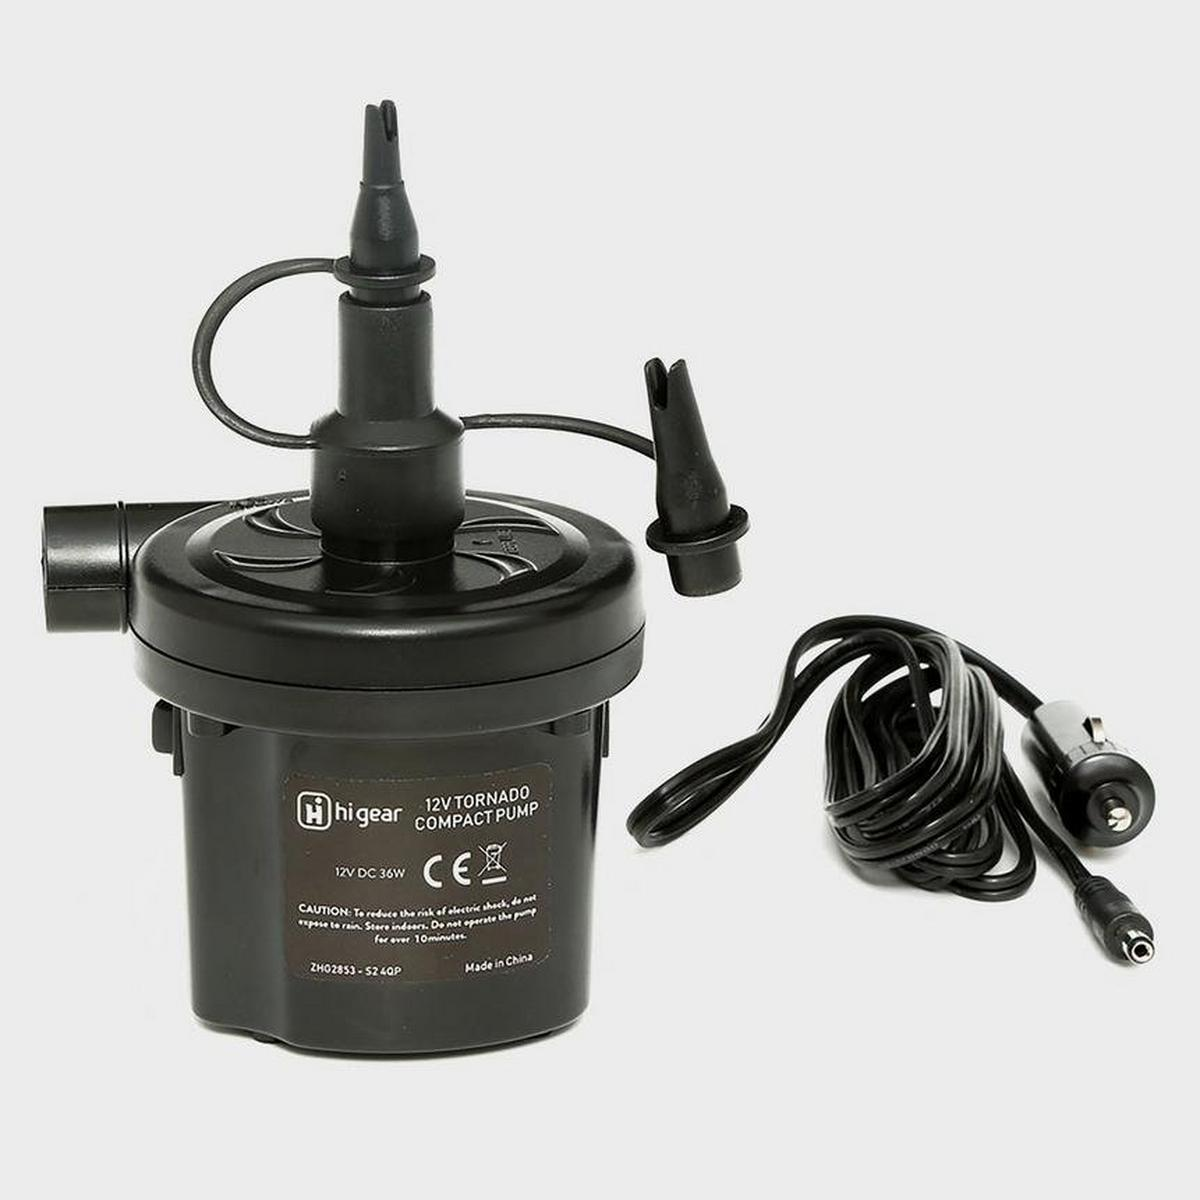 Hi-gear 12V Tornado Pump - Black